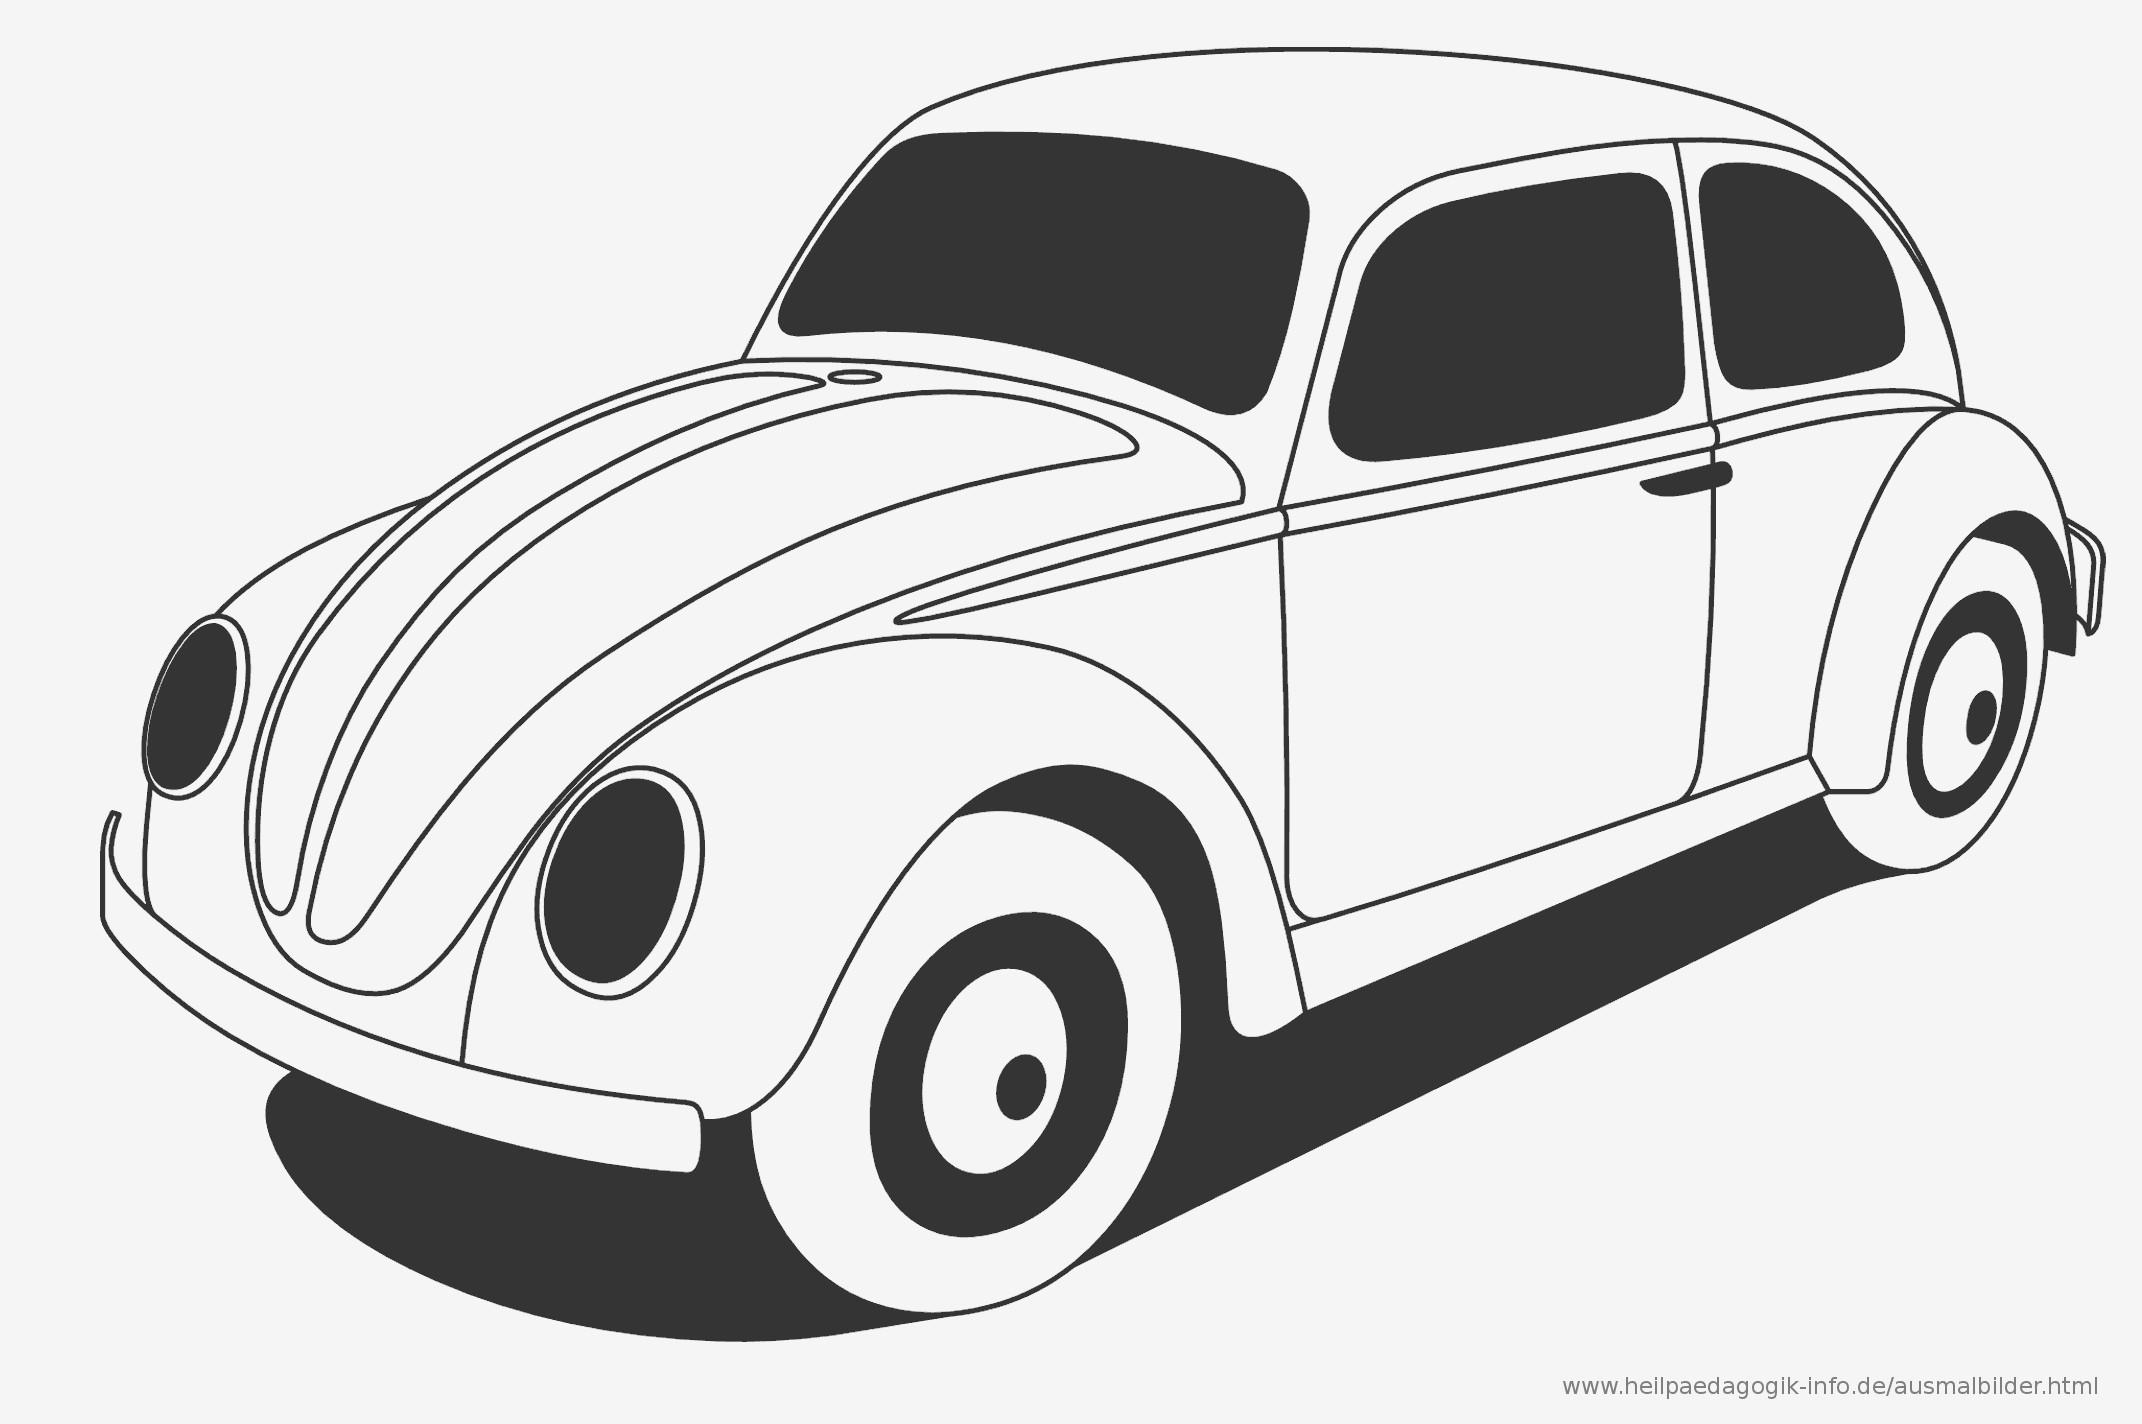 Auto Ausmalbilder Zum Ausdrucken Genial Autos Ausmalbilder Bilder Zum Ausmalen Bekommen White Bugatti Galerie